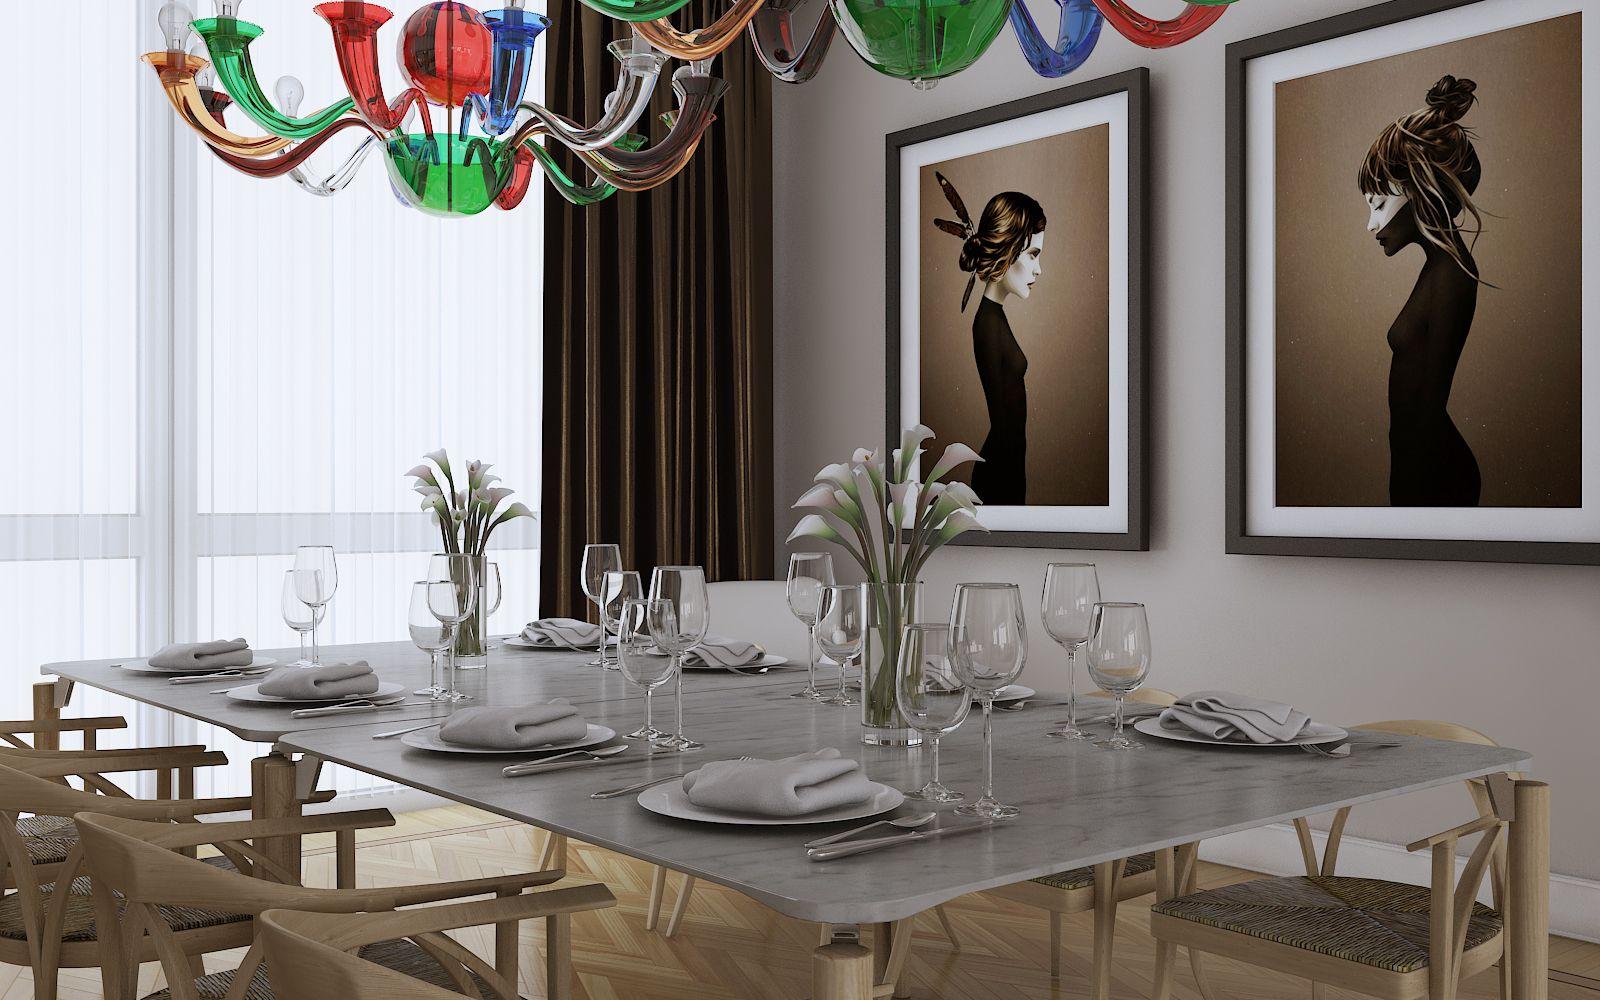 Milan Apartment - Via Saffi 286